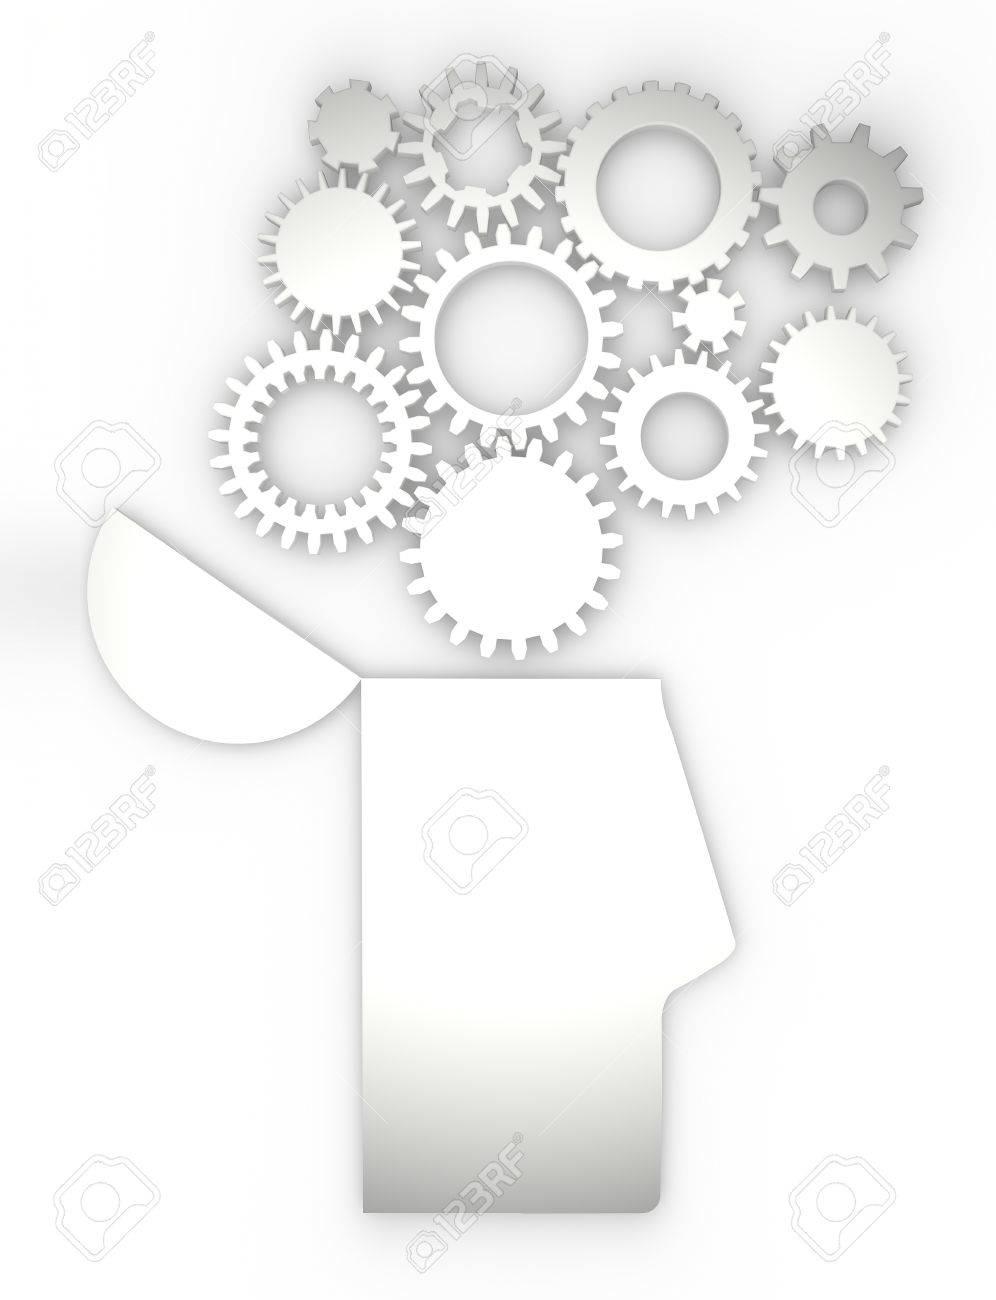 La Anatomía Del Cerebro De Las Ideas De Cambio Del Cuerpo Humano ...